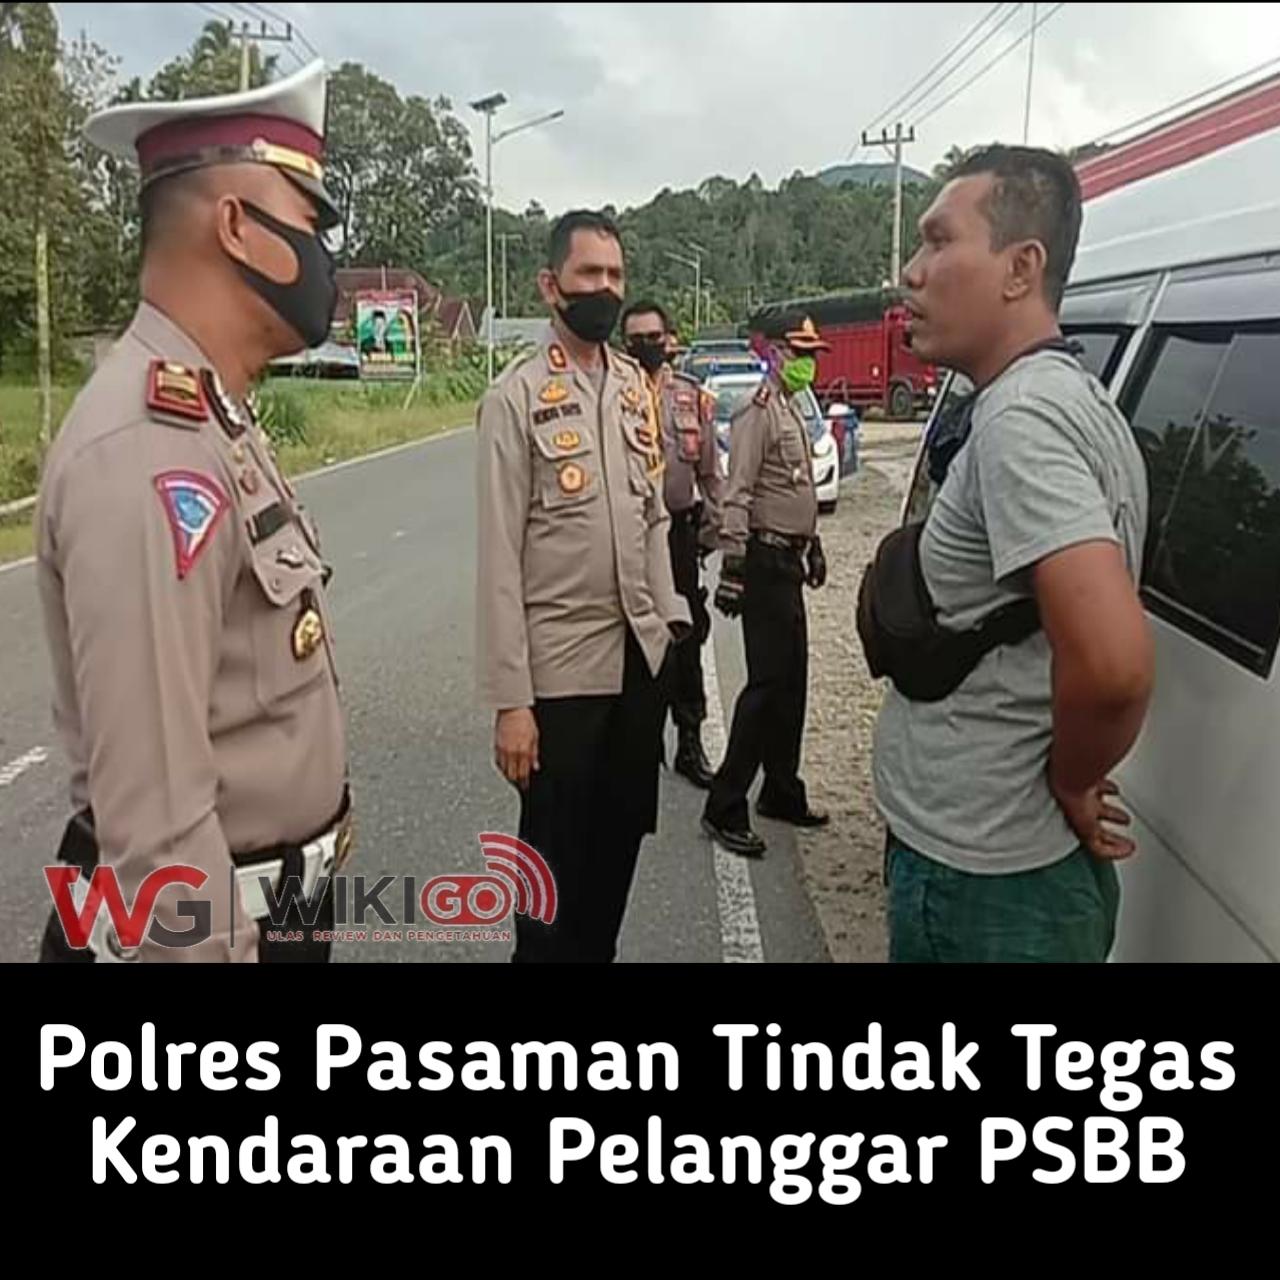 Polres Pasaman Tindak tegas kendaraan pelanggar PSBB